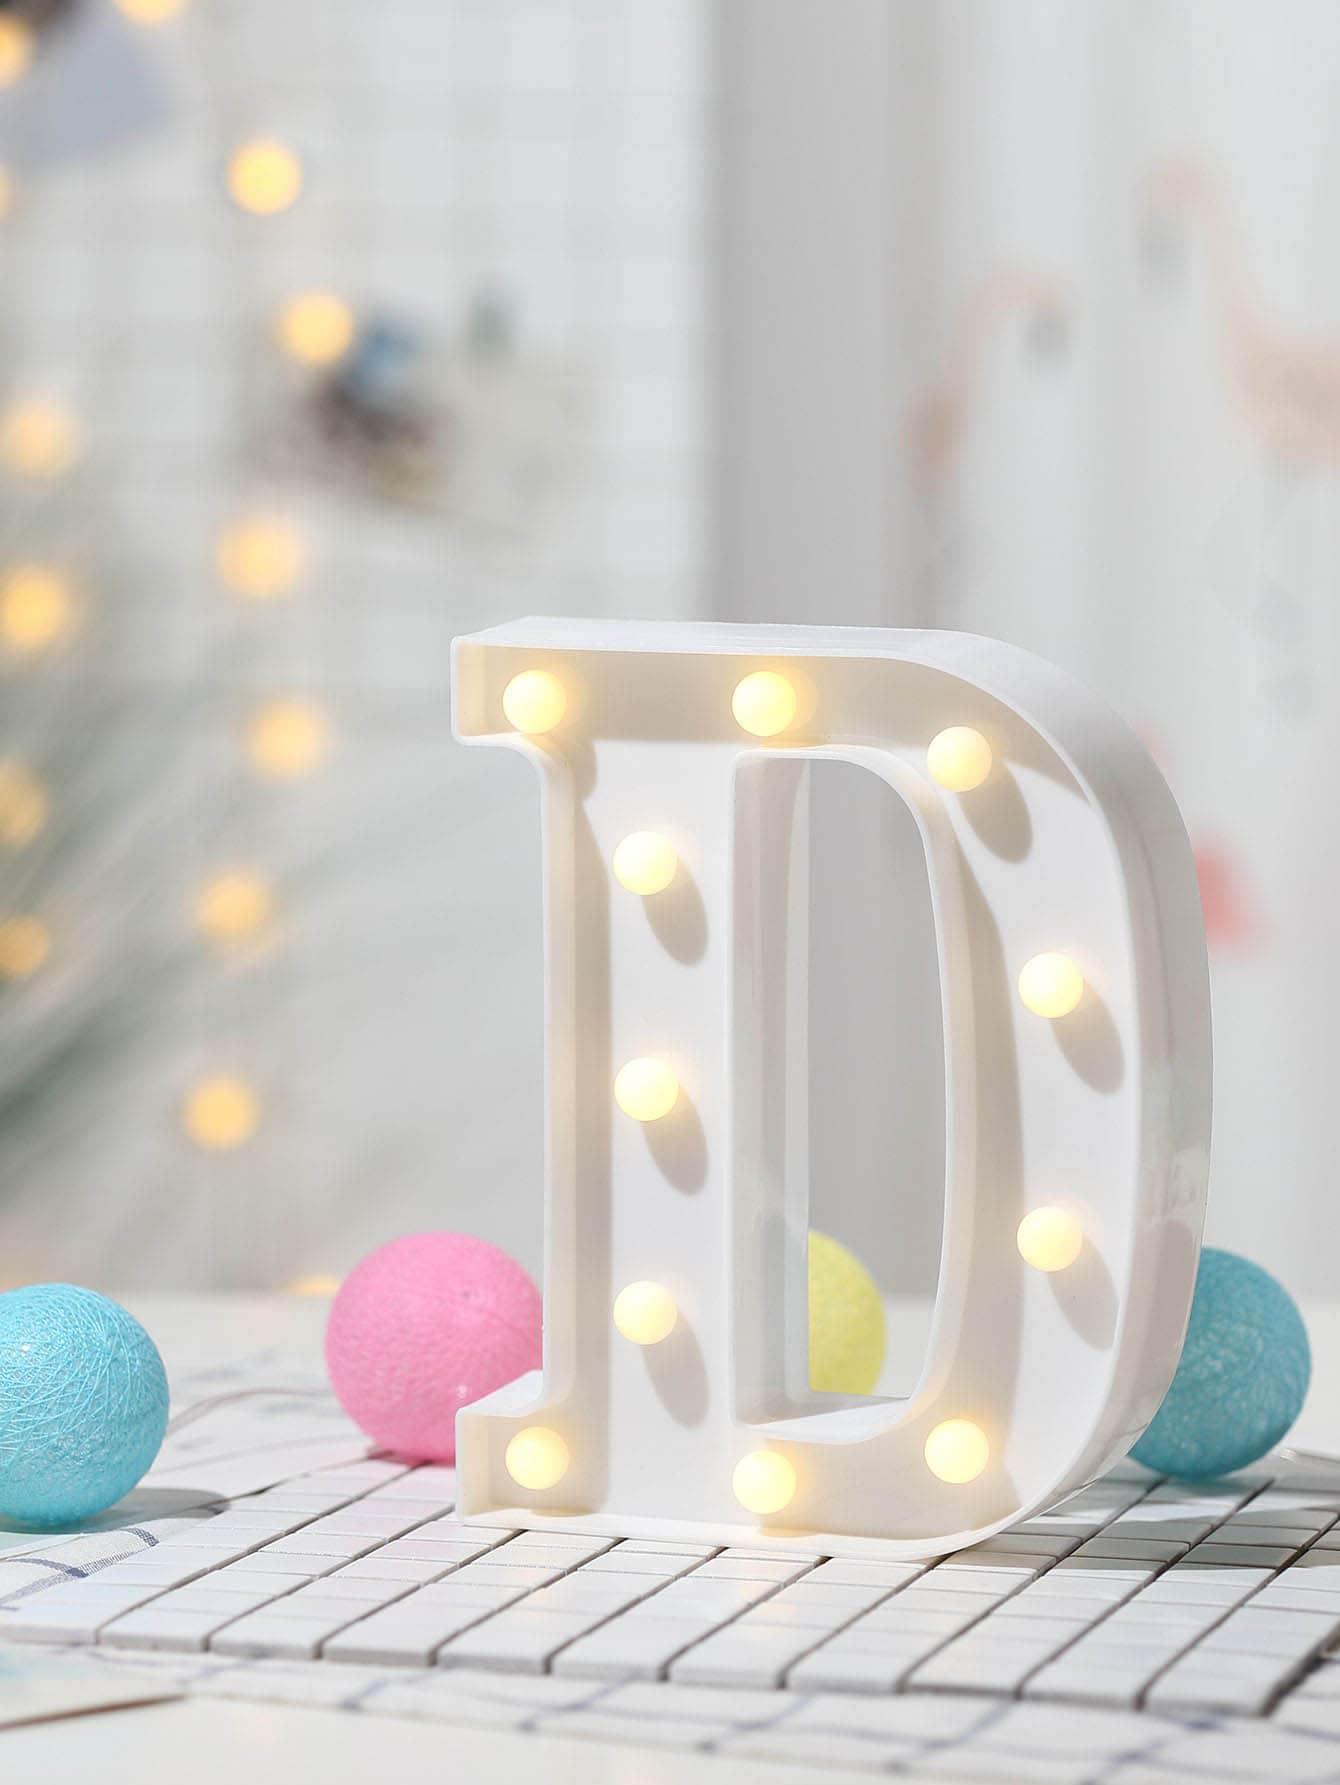 11pcs Bulb D Shaped Table Lamp